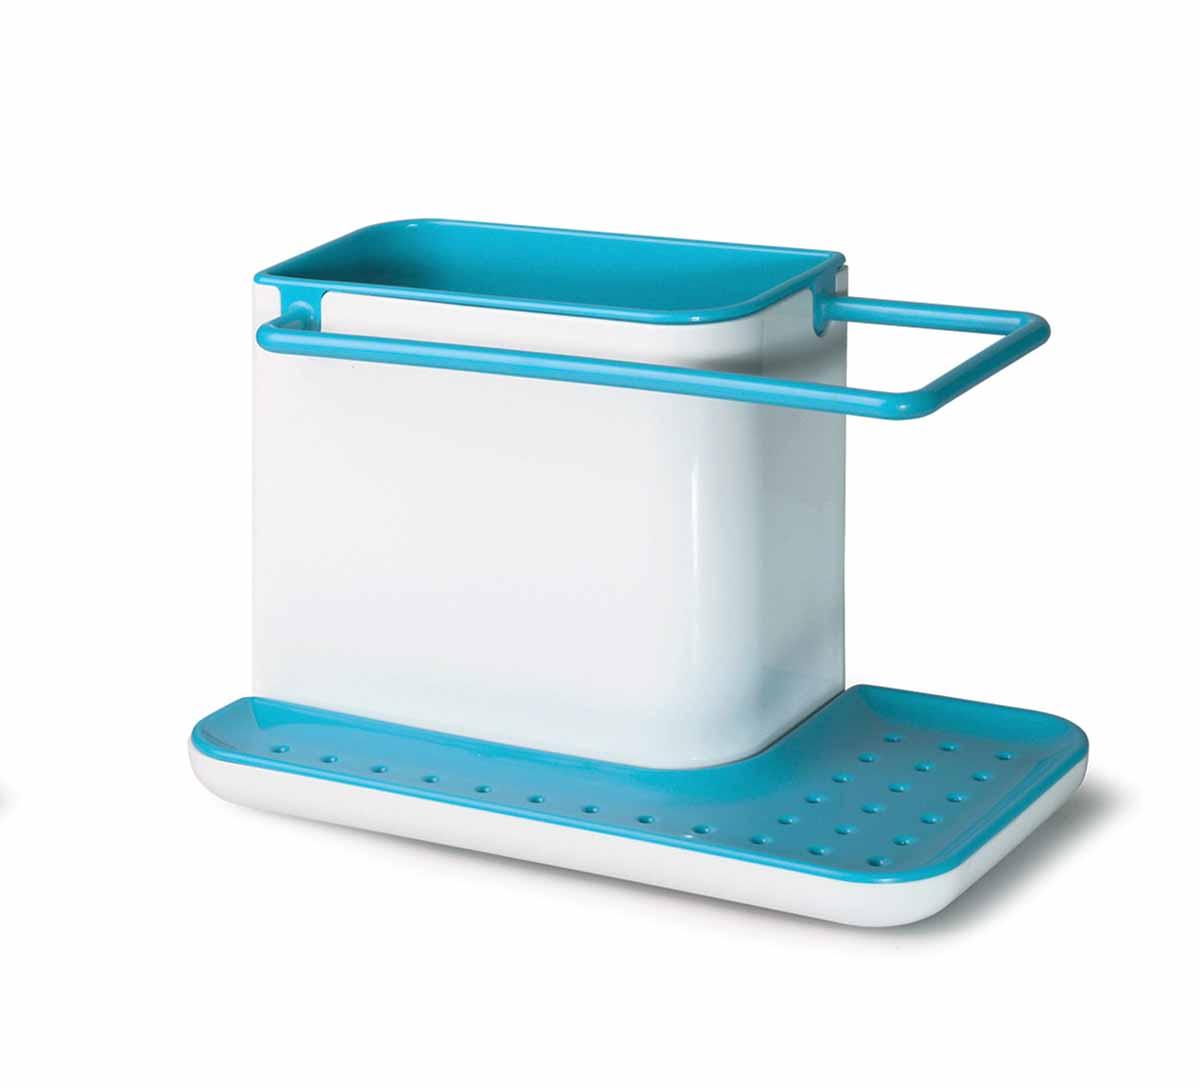 Подставка для кухонных принадлежностей Идея Mr. Чистоff, цвет: белый, голубойVT-1520(SR)Подставка для кухонных принадлежностей Идея Mr. Чистоff поможет навести на кухне полный порядок и расставить все по своим местам. В ней найдется место для кухонной салфетки, моющего средства, ершика и губки. Подставка не только поможет вам держать под рукой необходимые для мытья посуды принадлежности, но и прекрасно подойдет к интерьеру любой кухни.Кухонную салфетку можно повесить на рейлинг, где она быстрей высохнет, а губку для мытья посуды положить на решетку. Вся вода, которая будет стекать с моющих принадлежностей, соберётся в специальном поддоне. Подставку можно расположить в любом удобном месте, при необходимости она легко разбирается и моется. Размер подставки: 21 см х 11,5 см х 13,5 см.